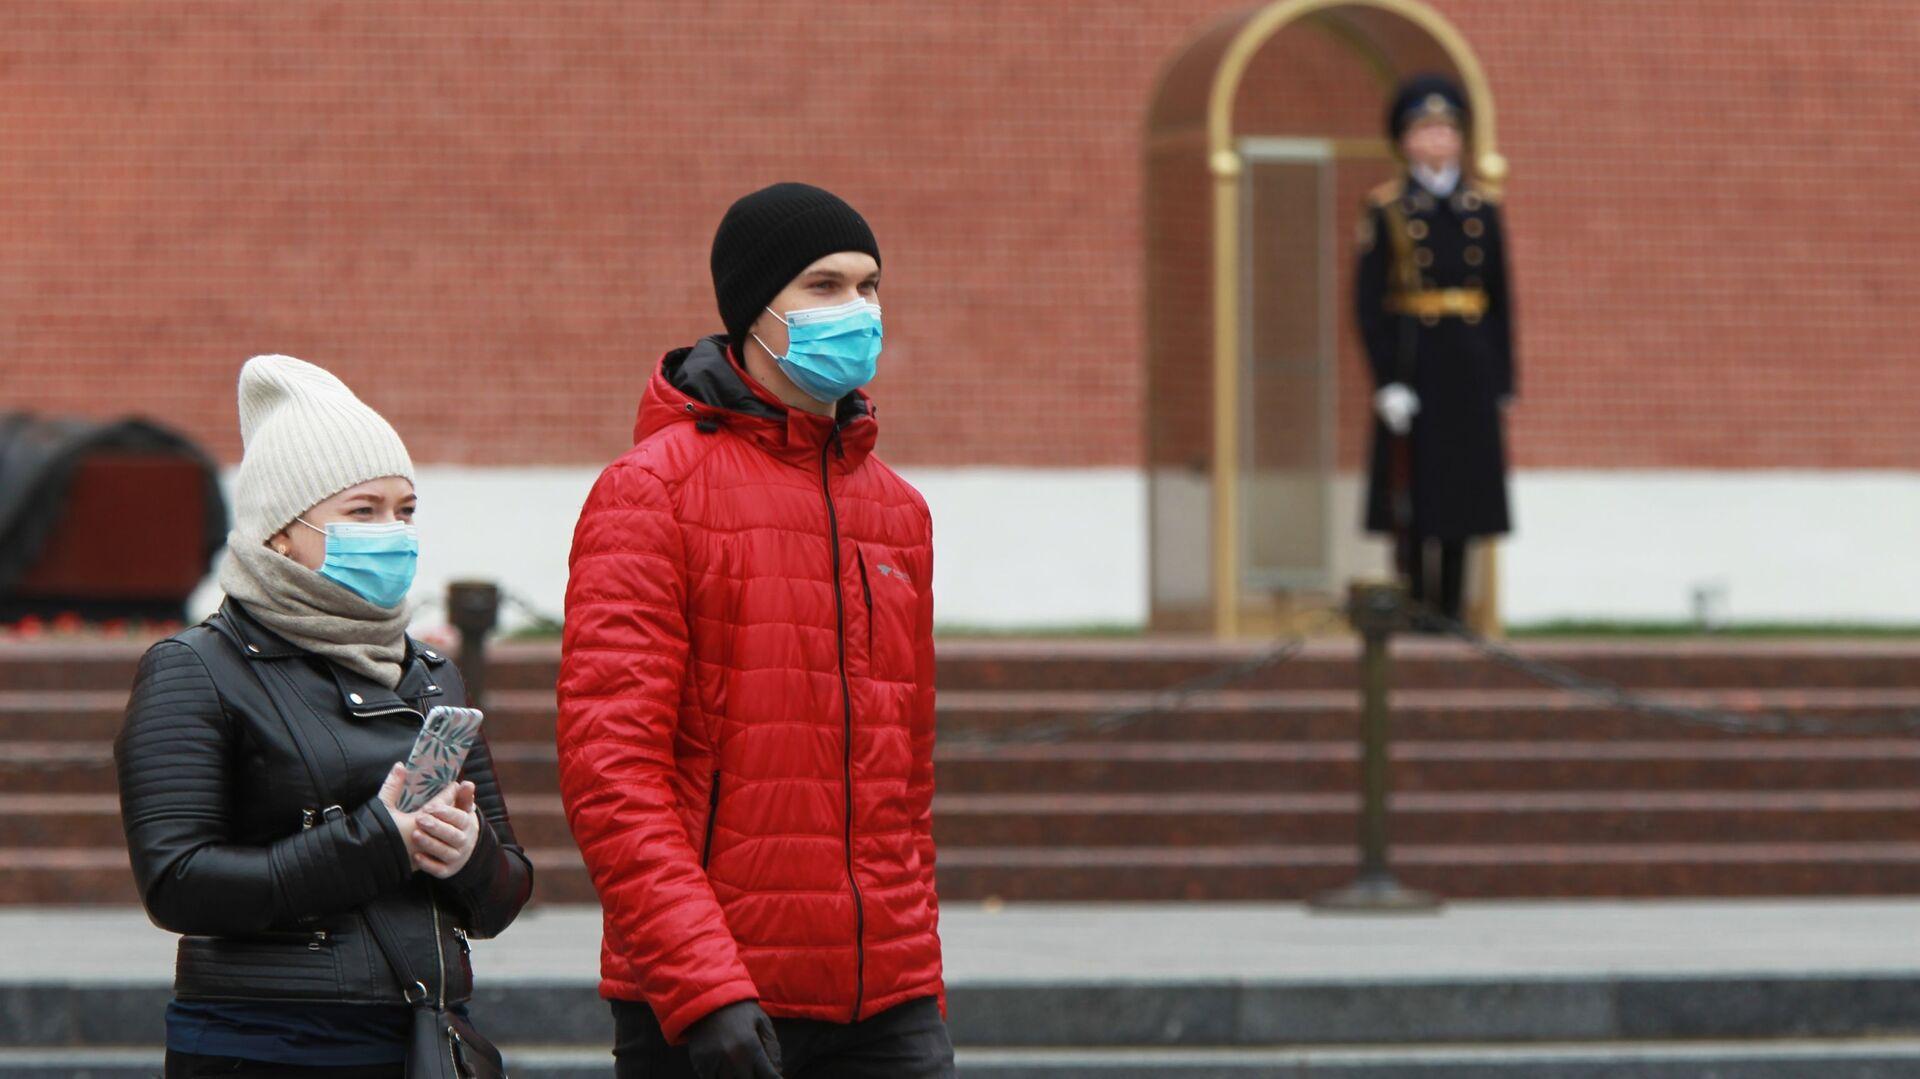 Coronavirus in Russia - persone in maschere protettive nel giardino Alexandrovsky a Mosca - Sputnik Italia, 1920, 25.05.2021